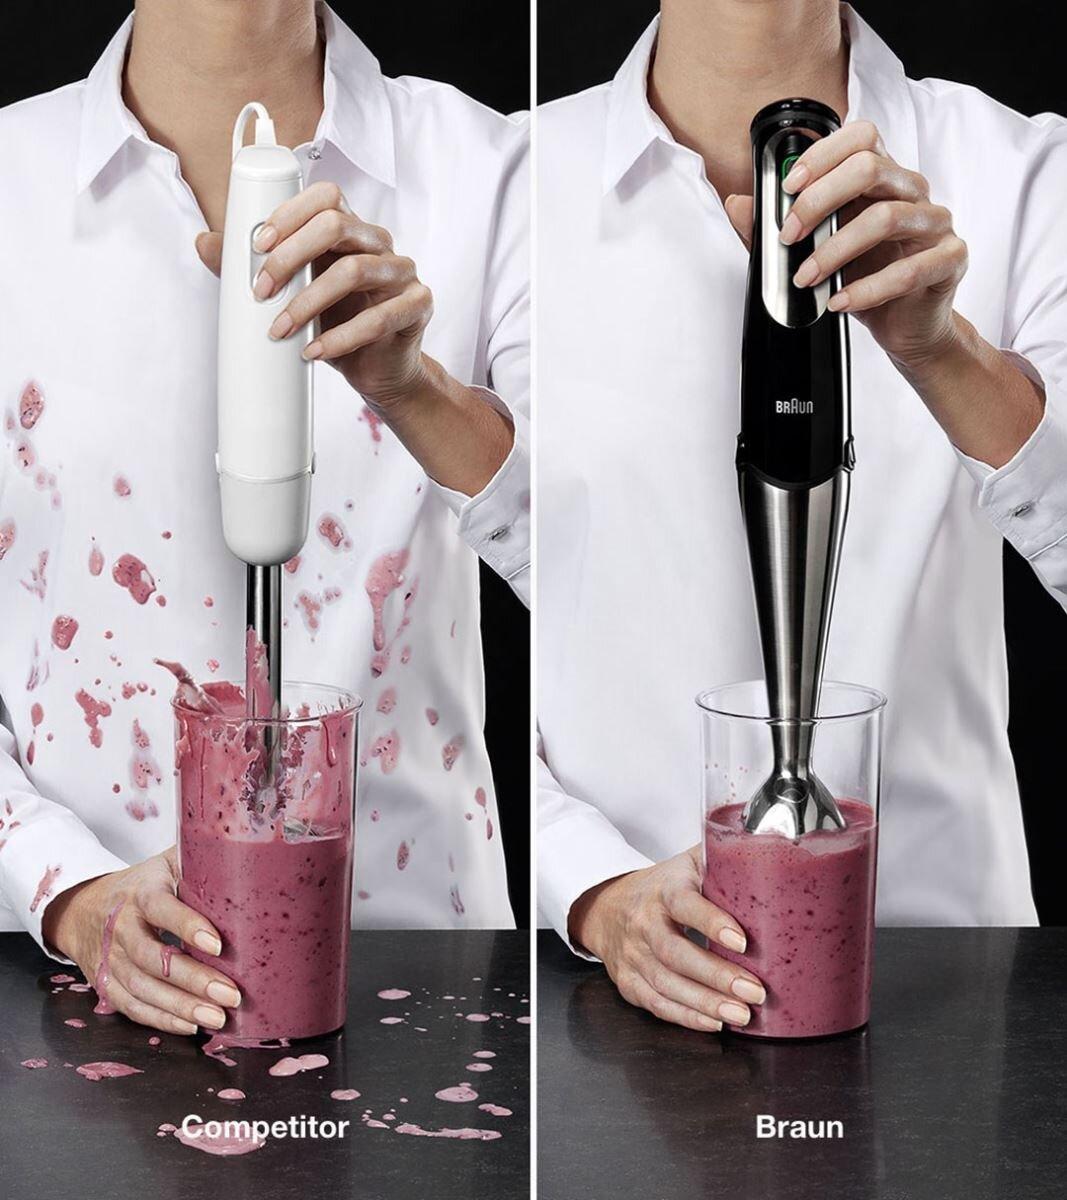 Braun sử dụng công nghệ Splash Control giúp thực phẩm không bị văng ra ngoài khi sử dụng